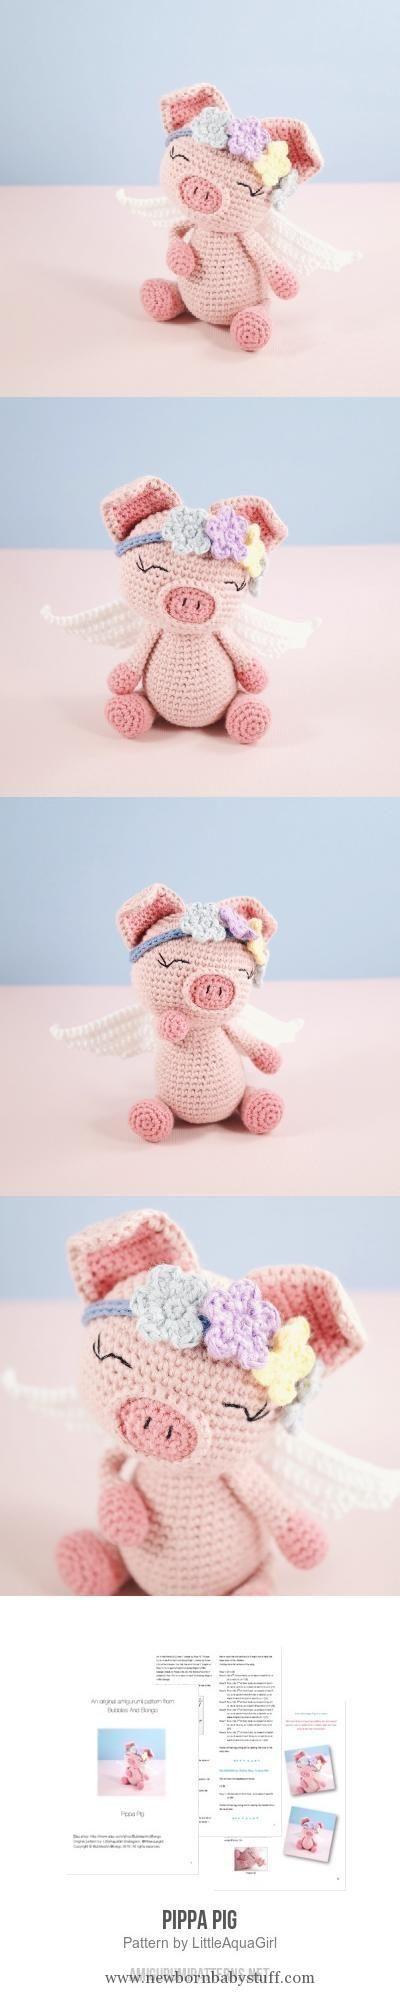 Baby Knitting Patterns Pippa Pig - Amigurumipatterns.net